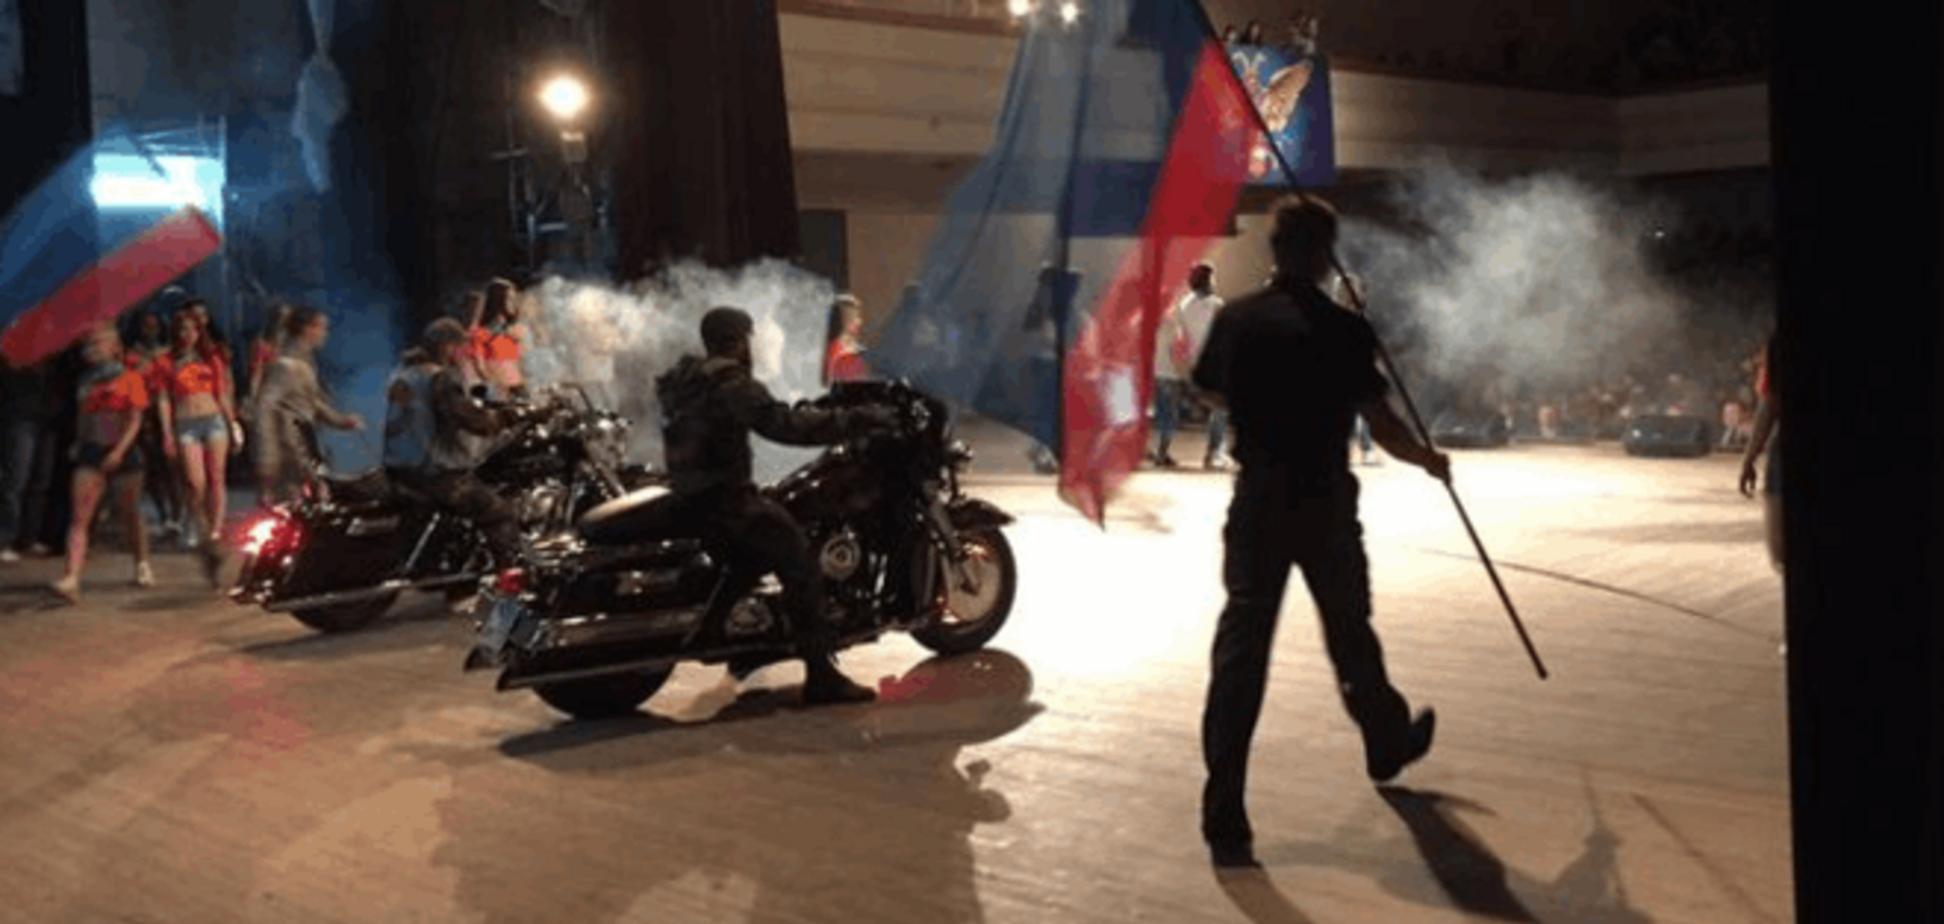 Бенкет під час чуми: терористи з 'Нічними вовками' вибирають 'Міс' ЛНР '